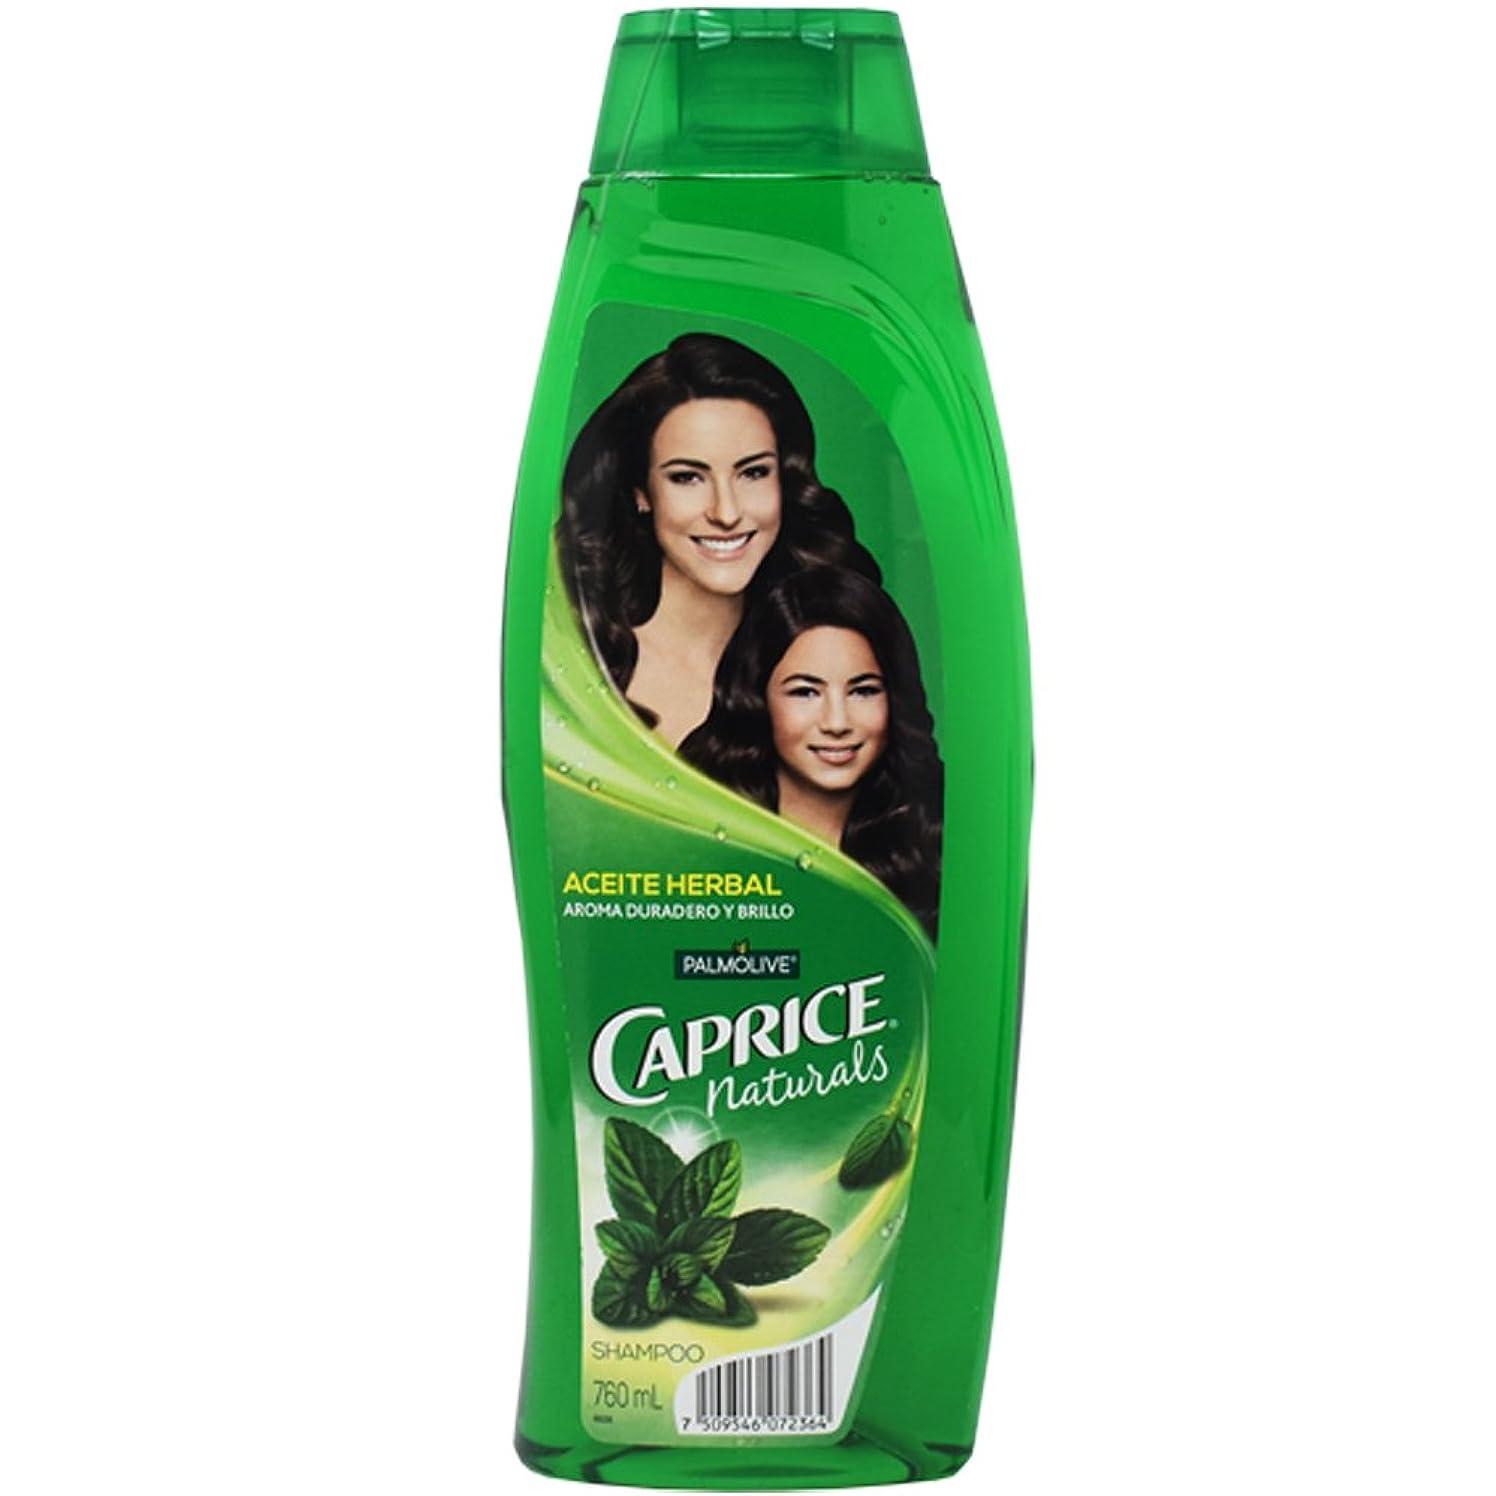 ファイター小さいベーリング海峡Caprice Naturals Shampoo con Aceite Herbal 800ml by Palmolive [並行輸入品]